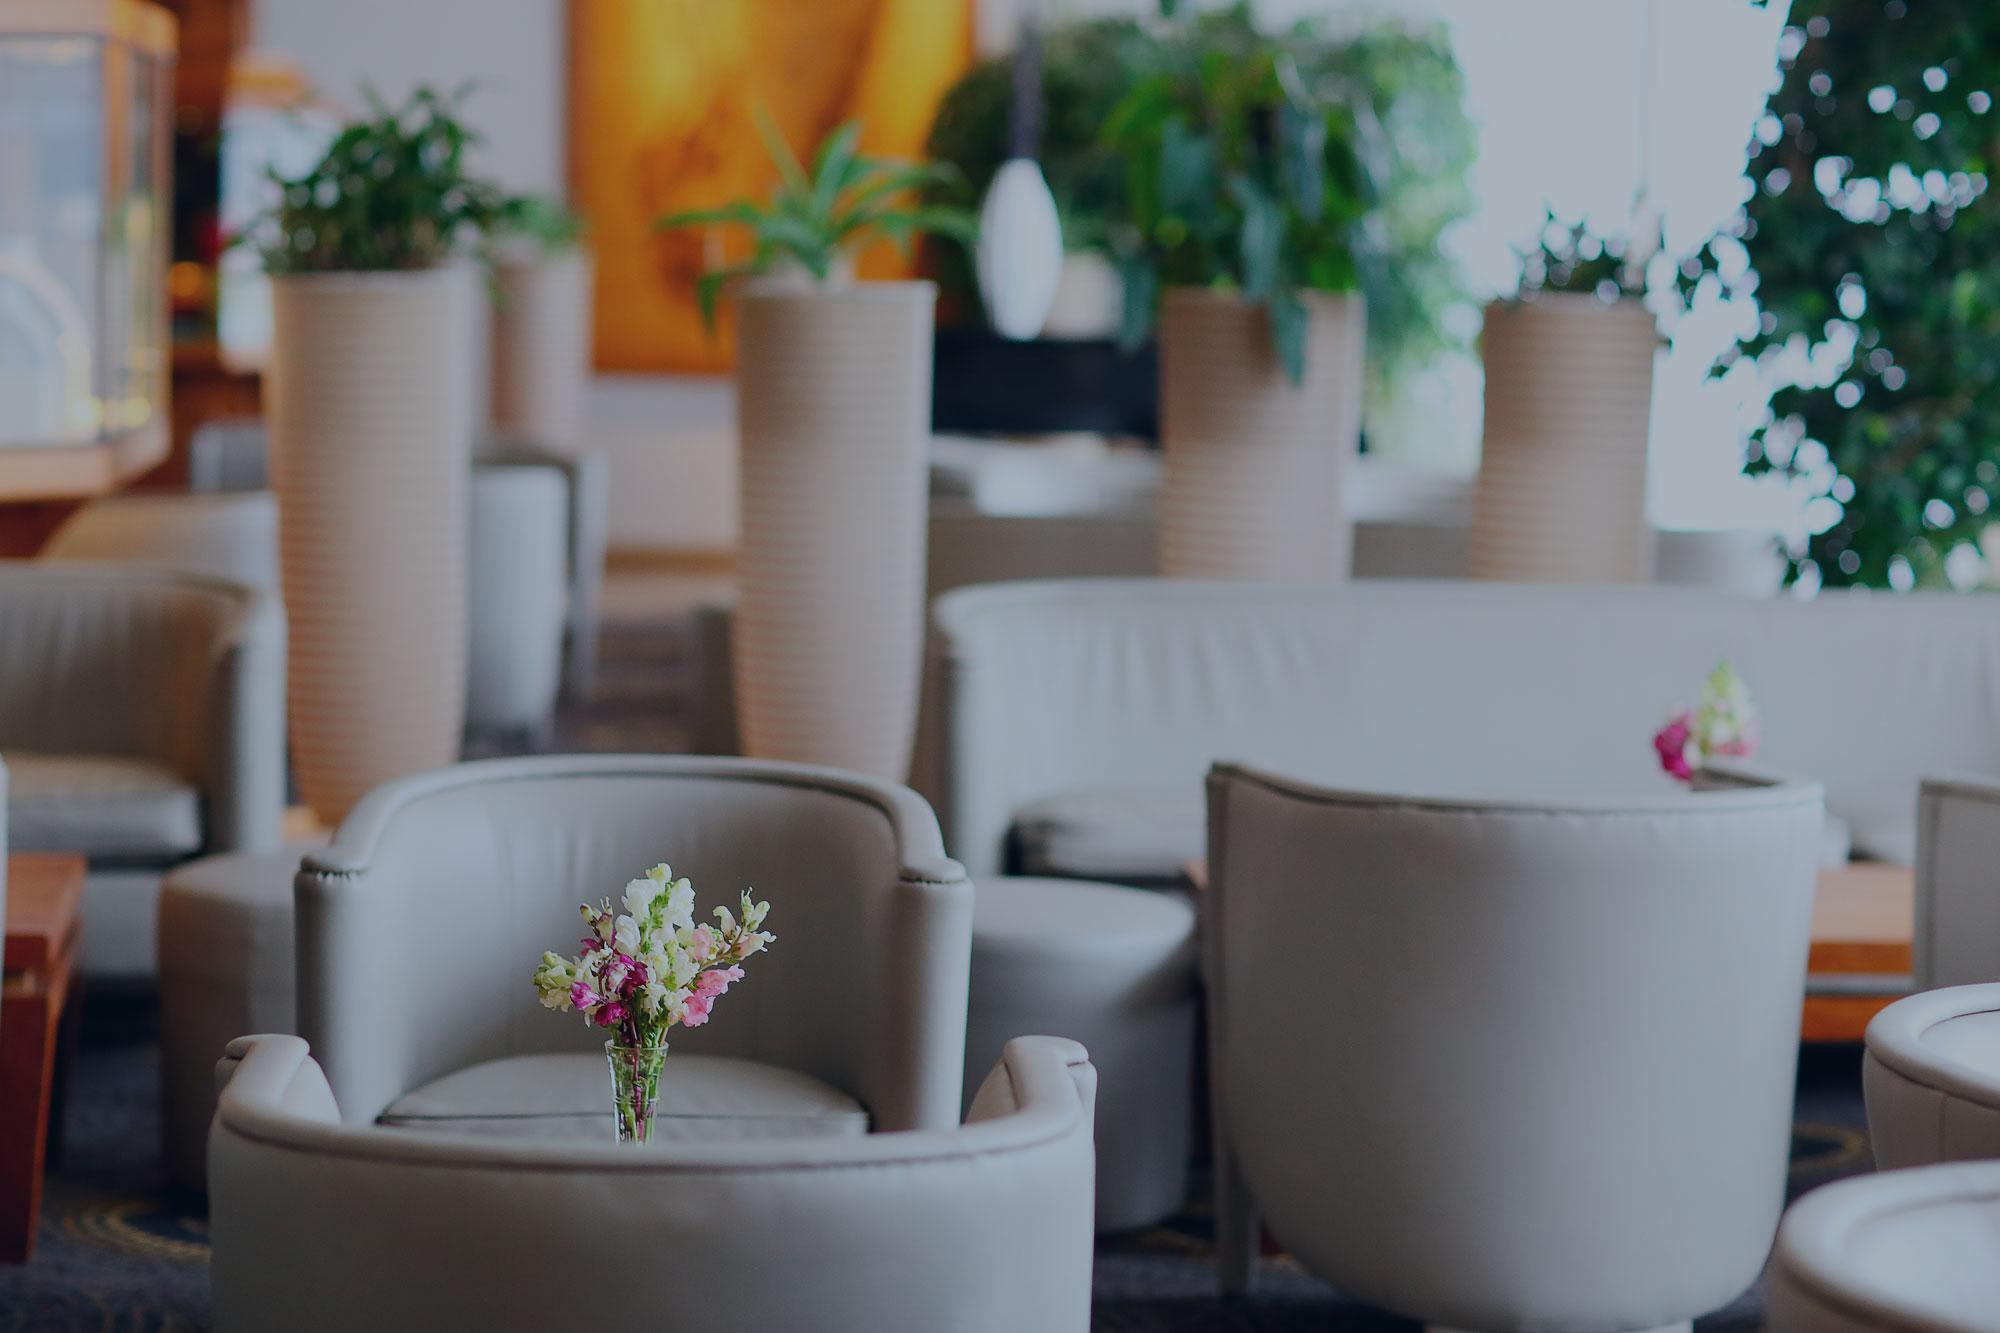 Lobby - accueil Hotel Carlton Madagascar